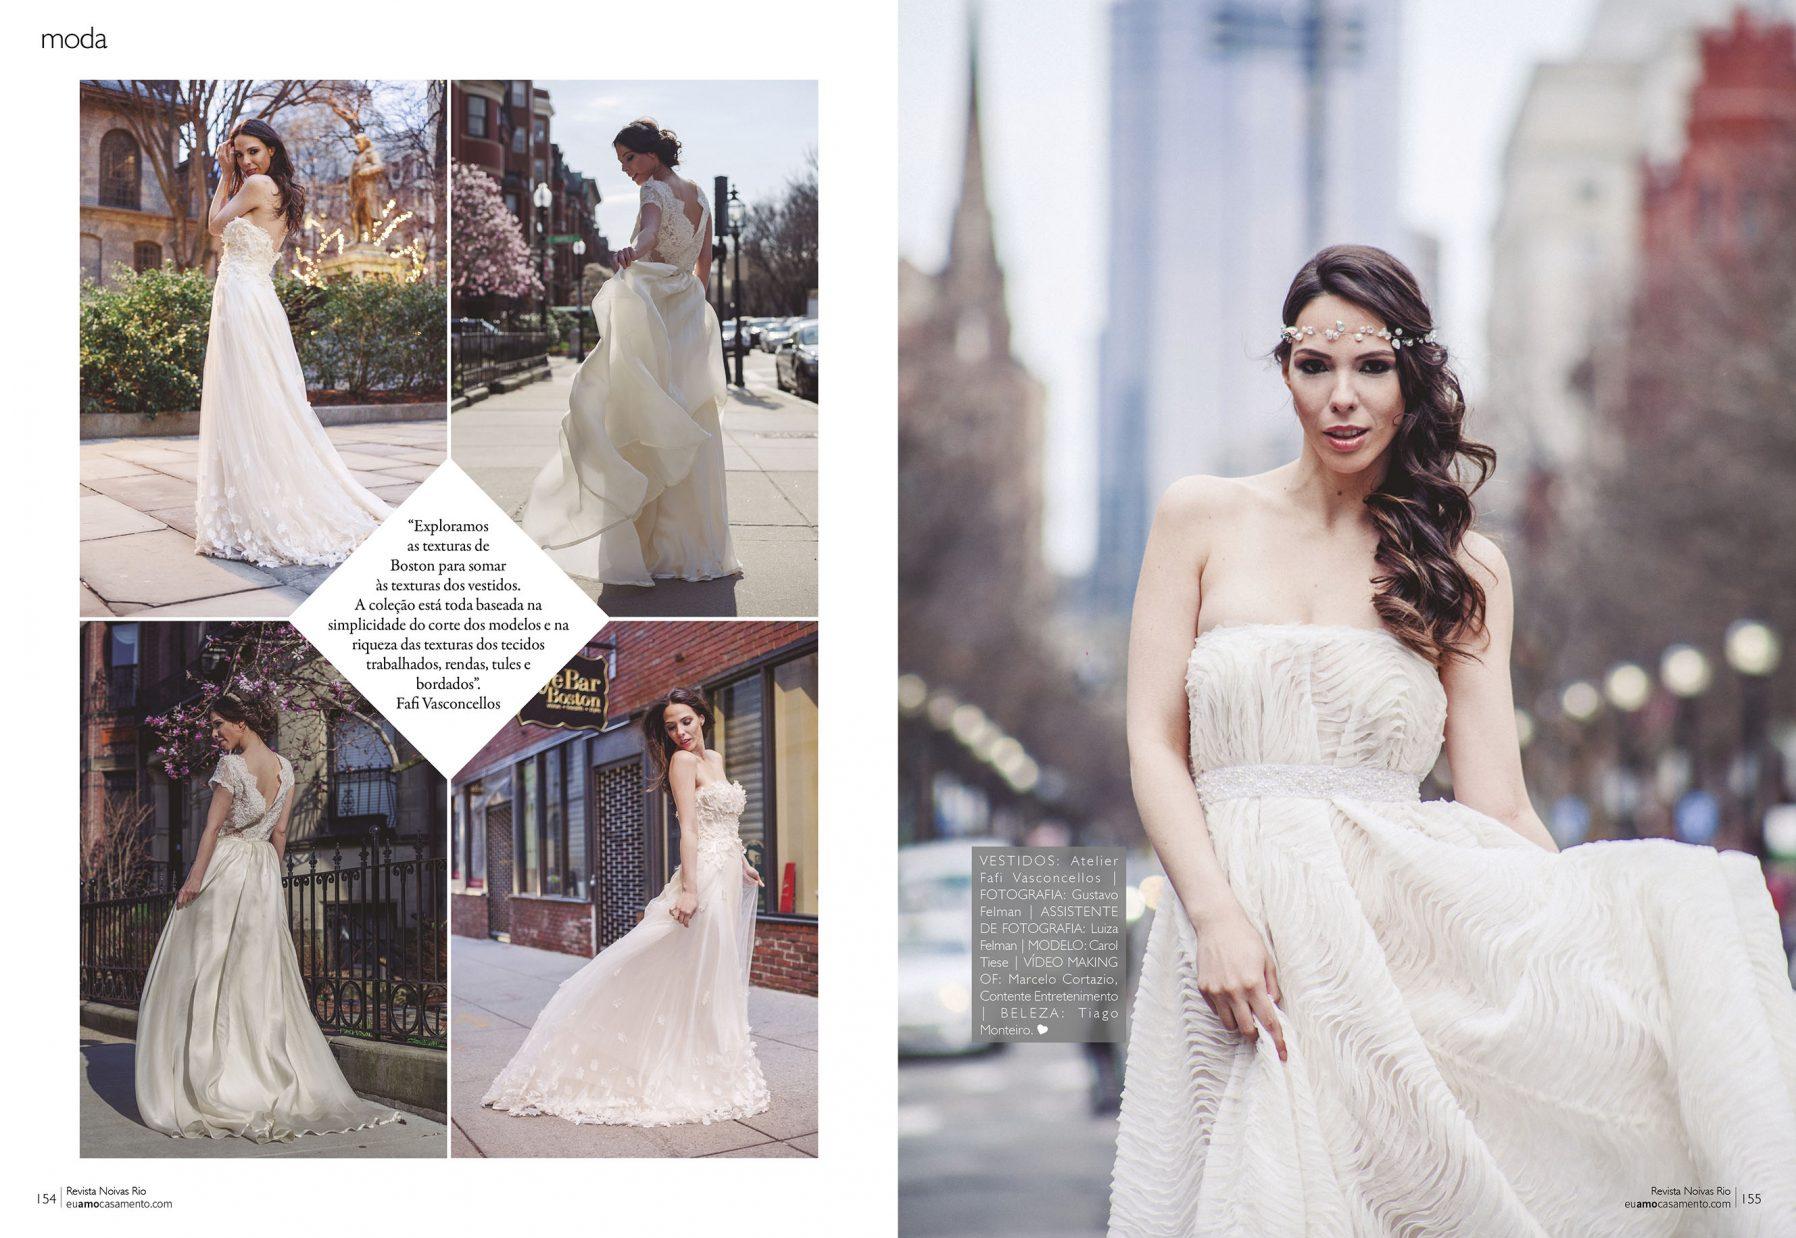 Atelier-Fafi-Vasconcellos-Revista-Noivas-RJ-Atriz-Maria-Joana-fotografia-de-casamento-gustavo-felman-2